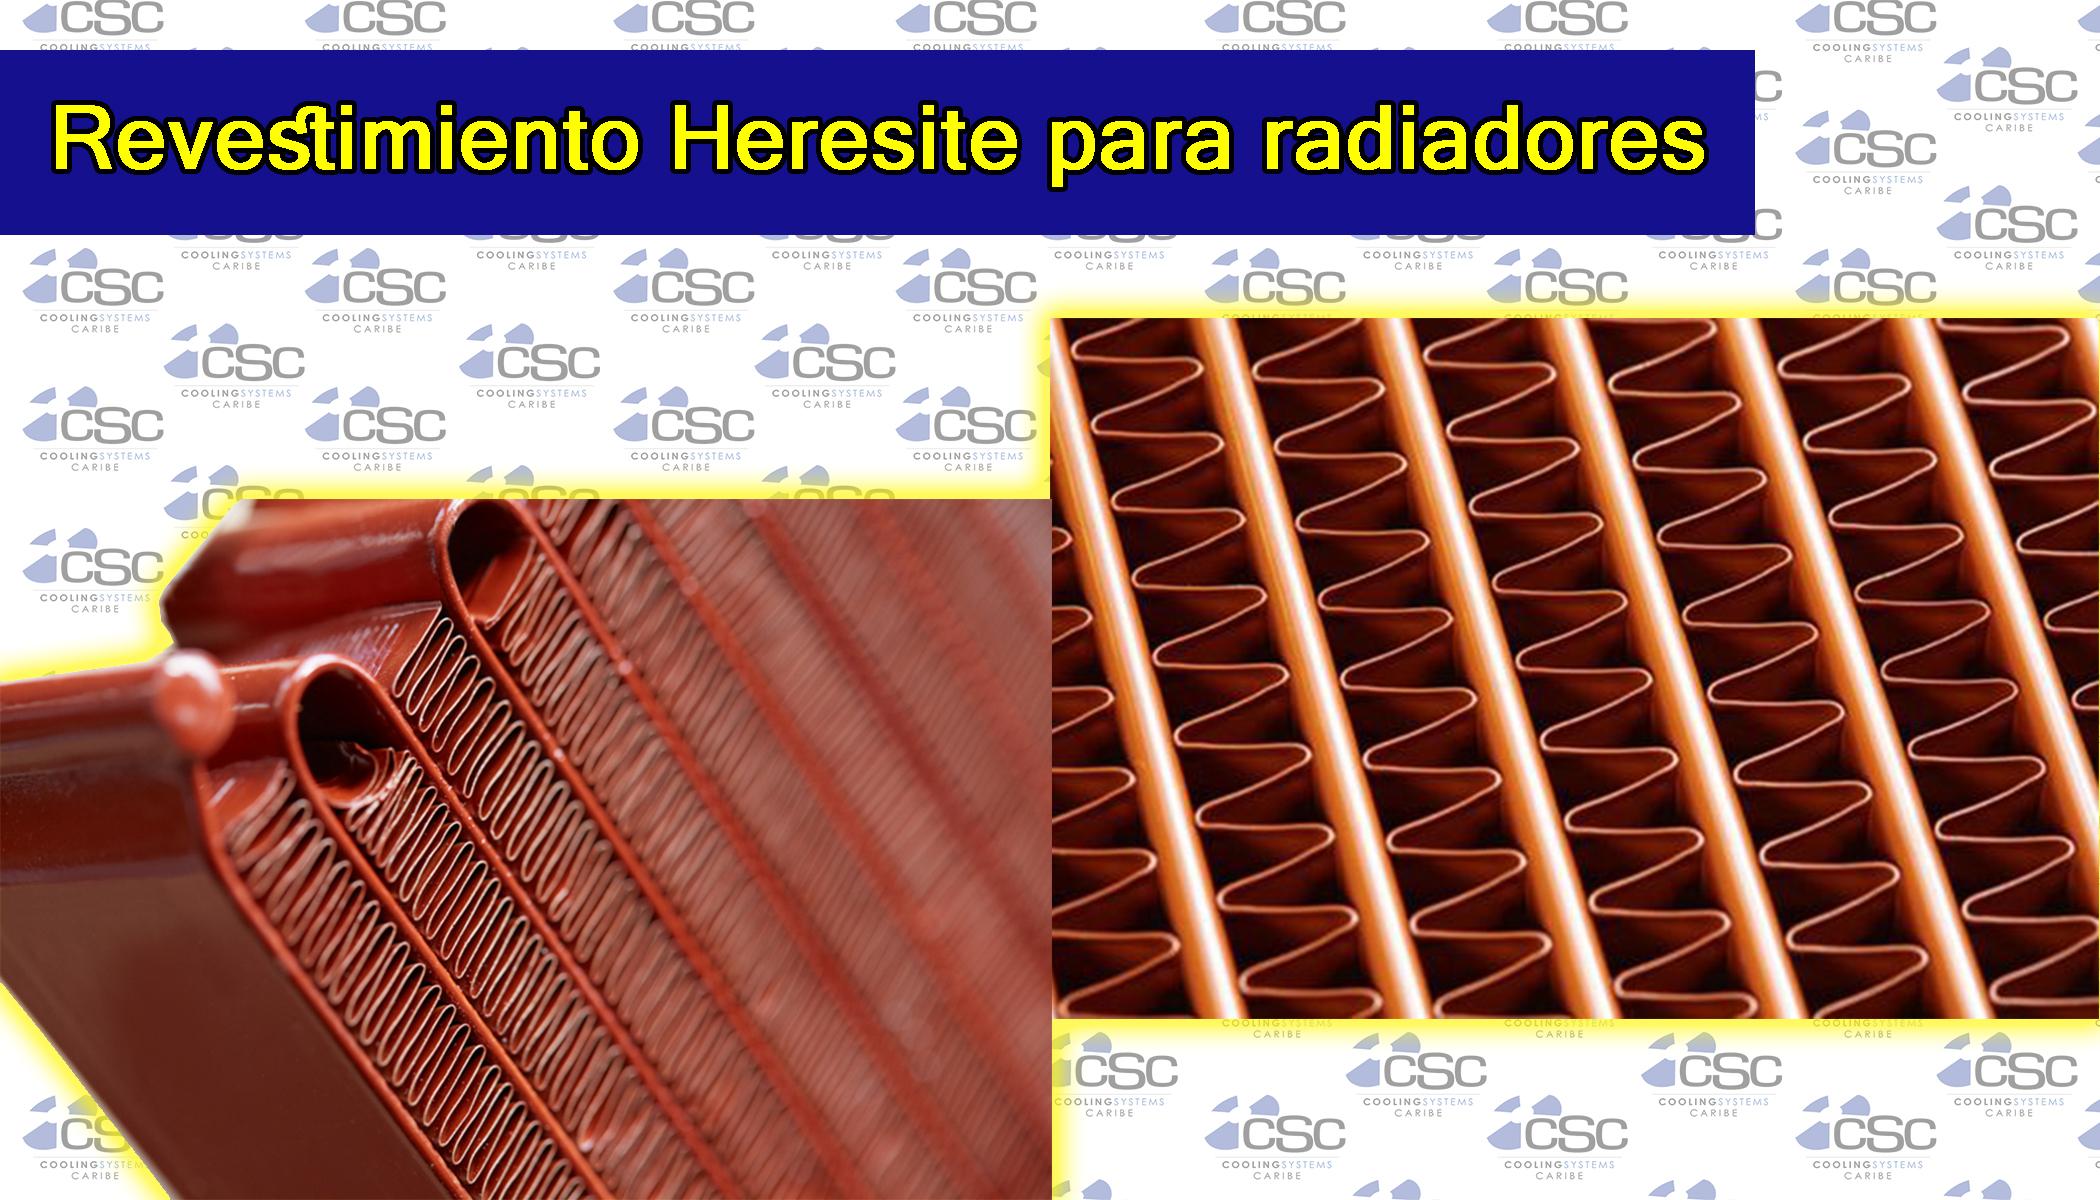 Revestimiento Heresite para radiadores